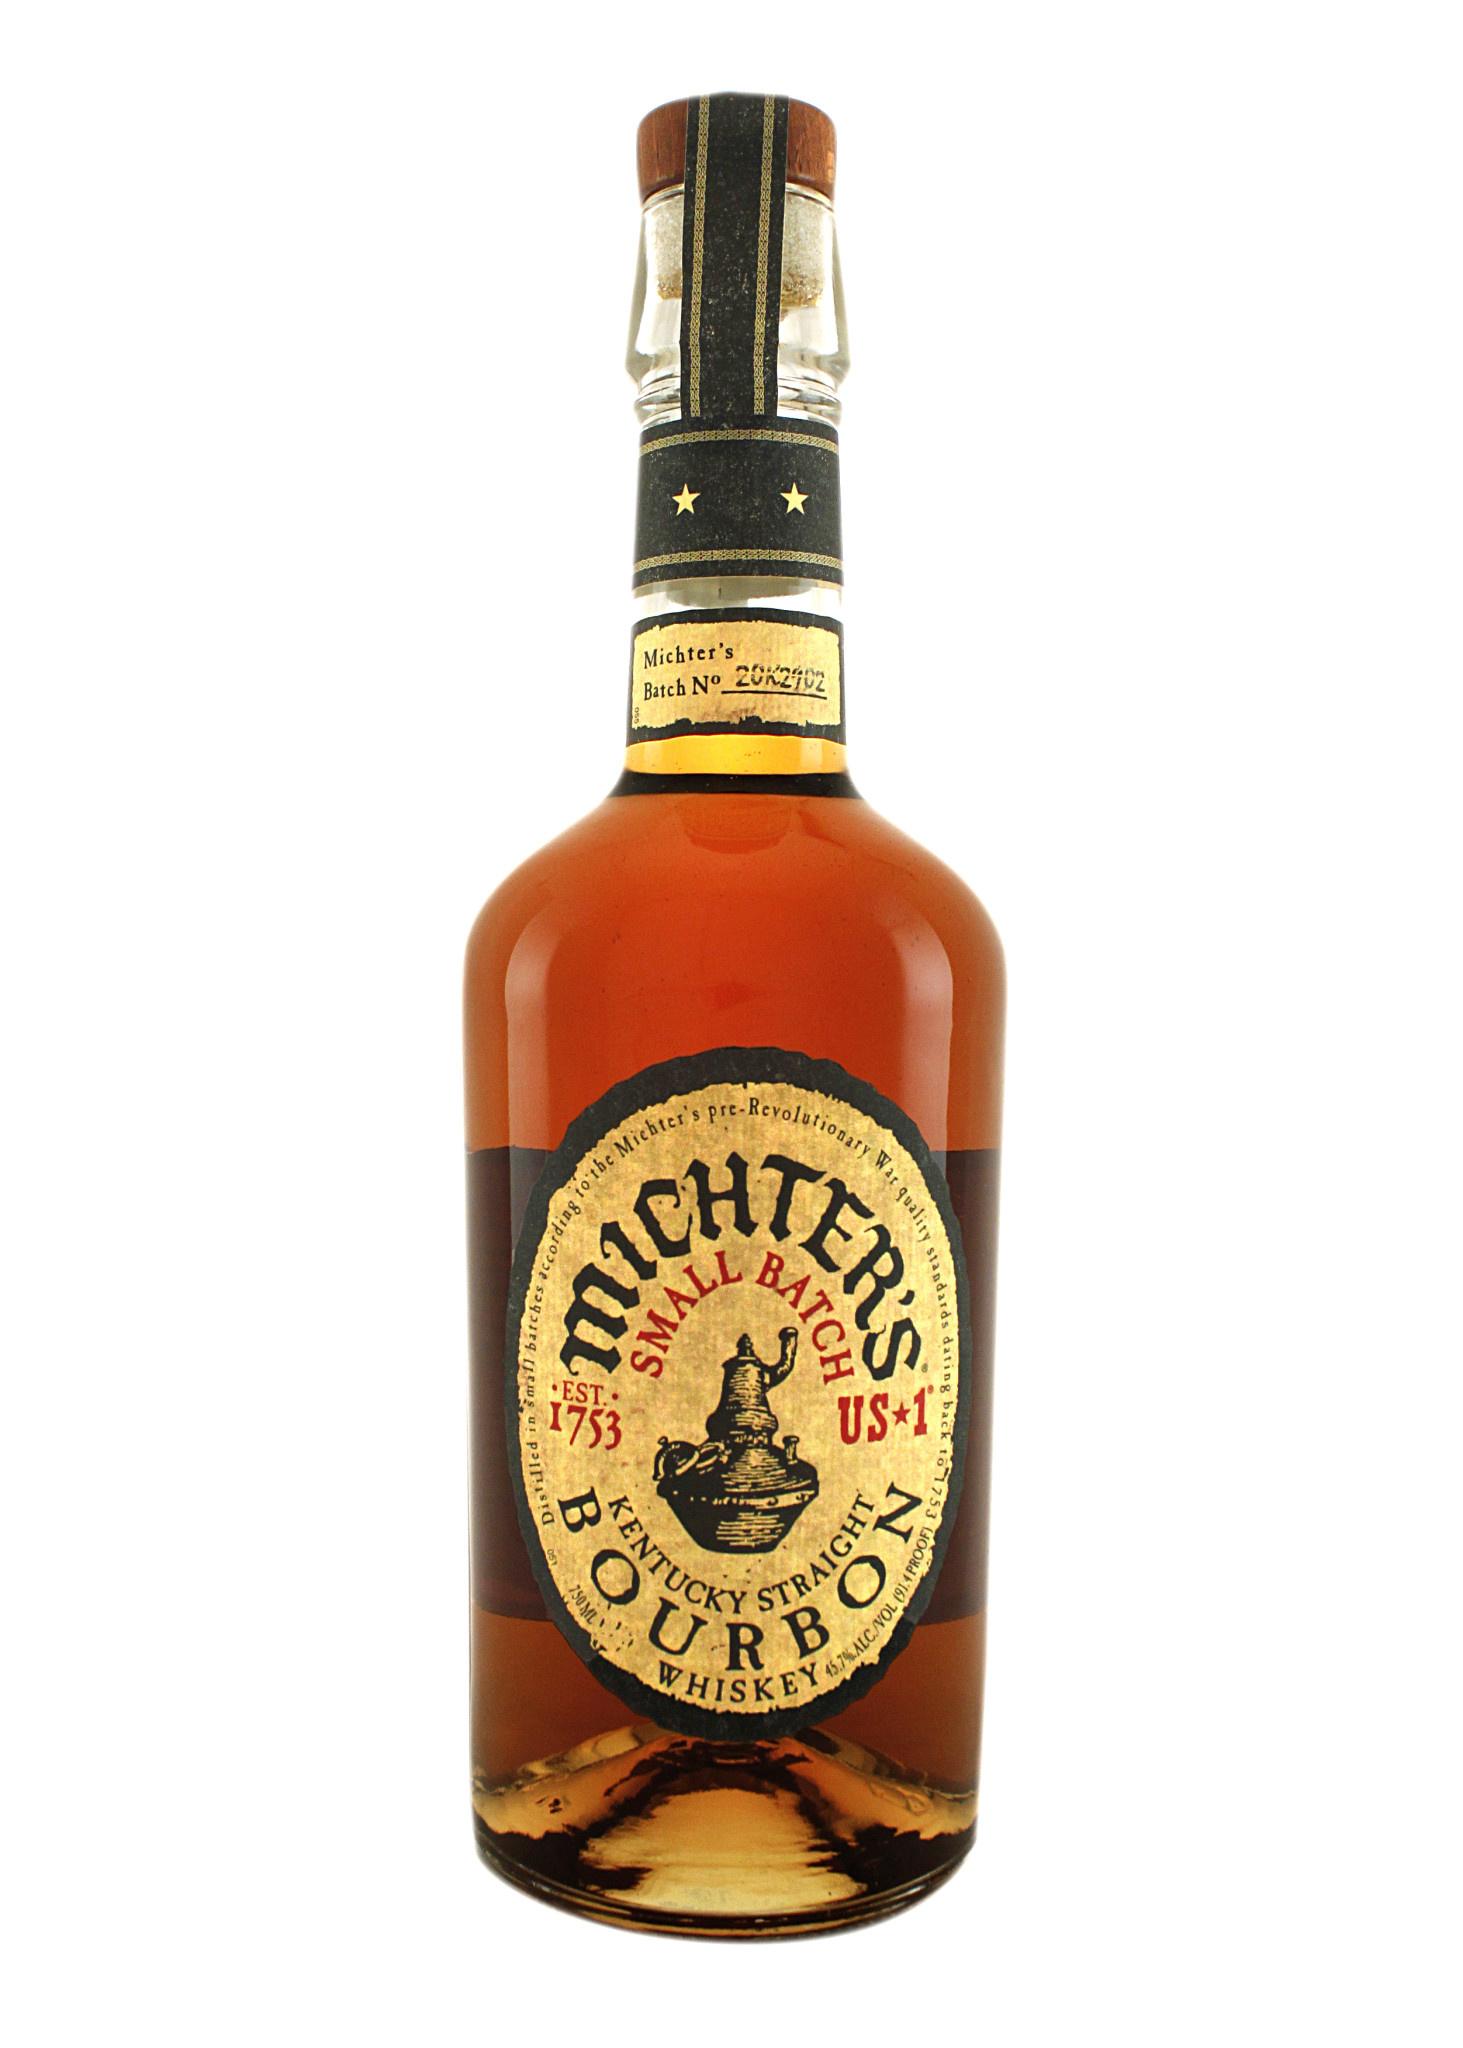 Michter's US 1 Small Batch Bourbon Whiskey, Louisville Kentucky